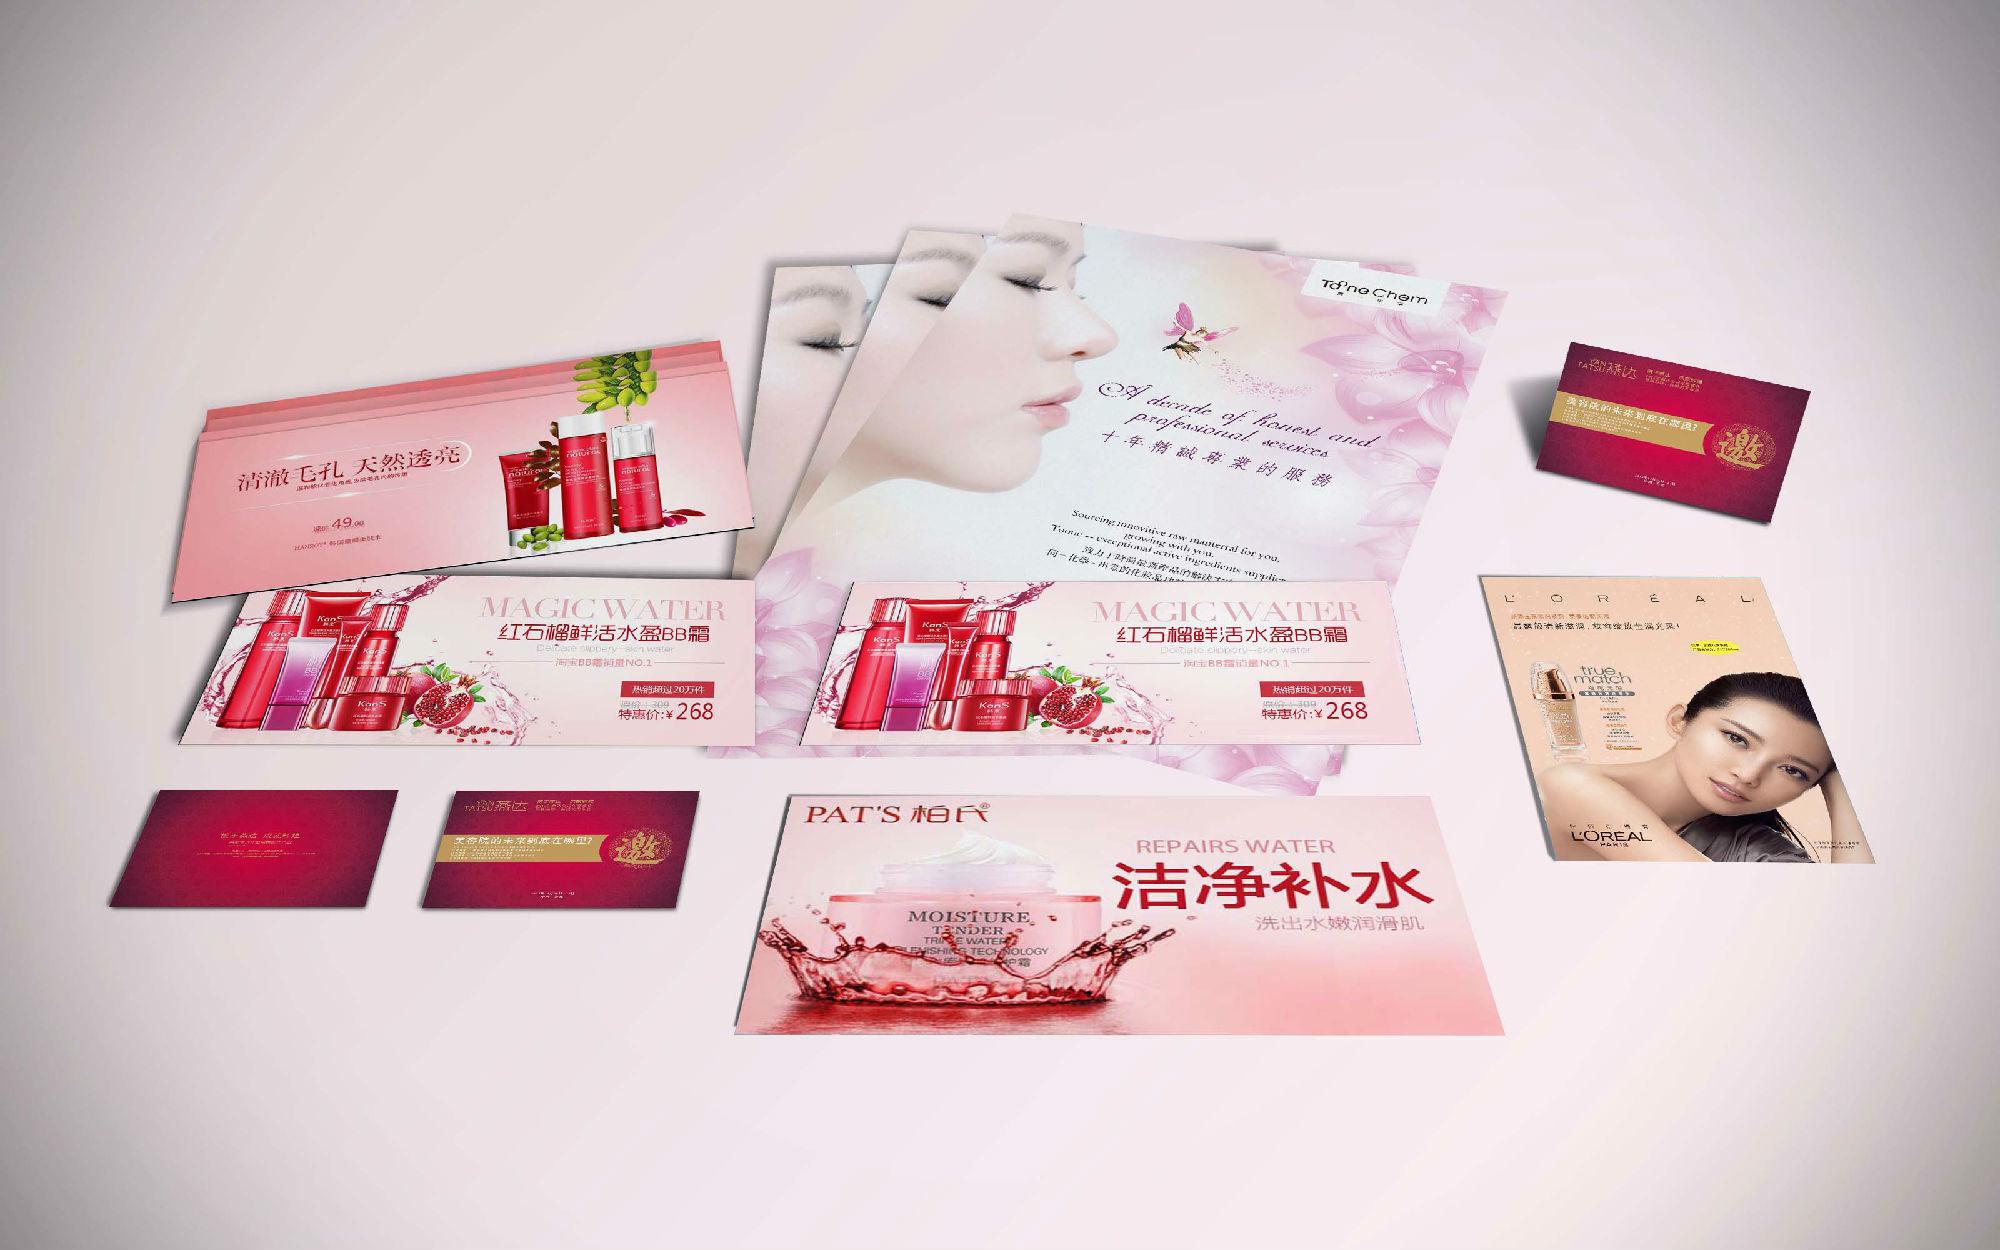 雷竞技app下载官方版iso宣传资料雷竞技官网app